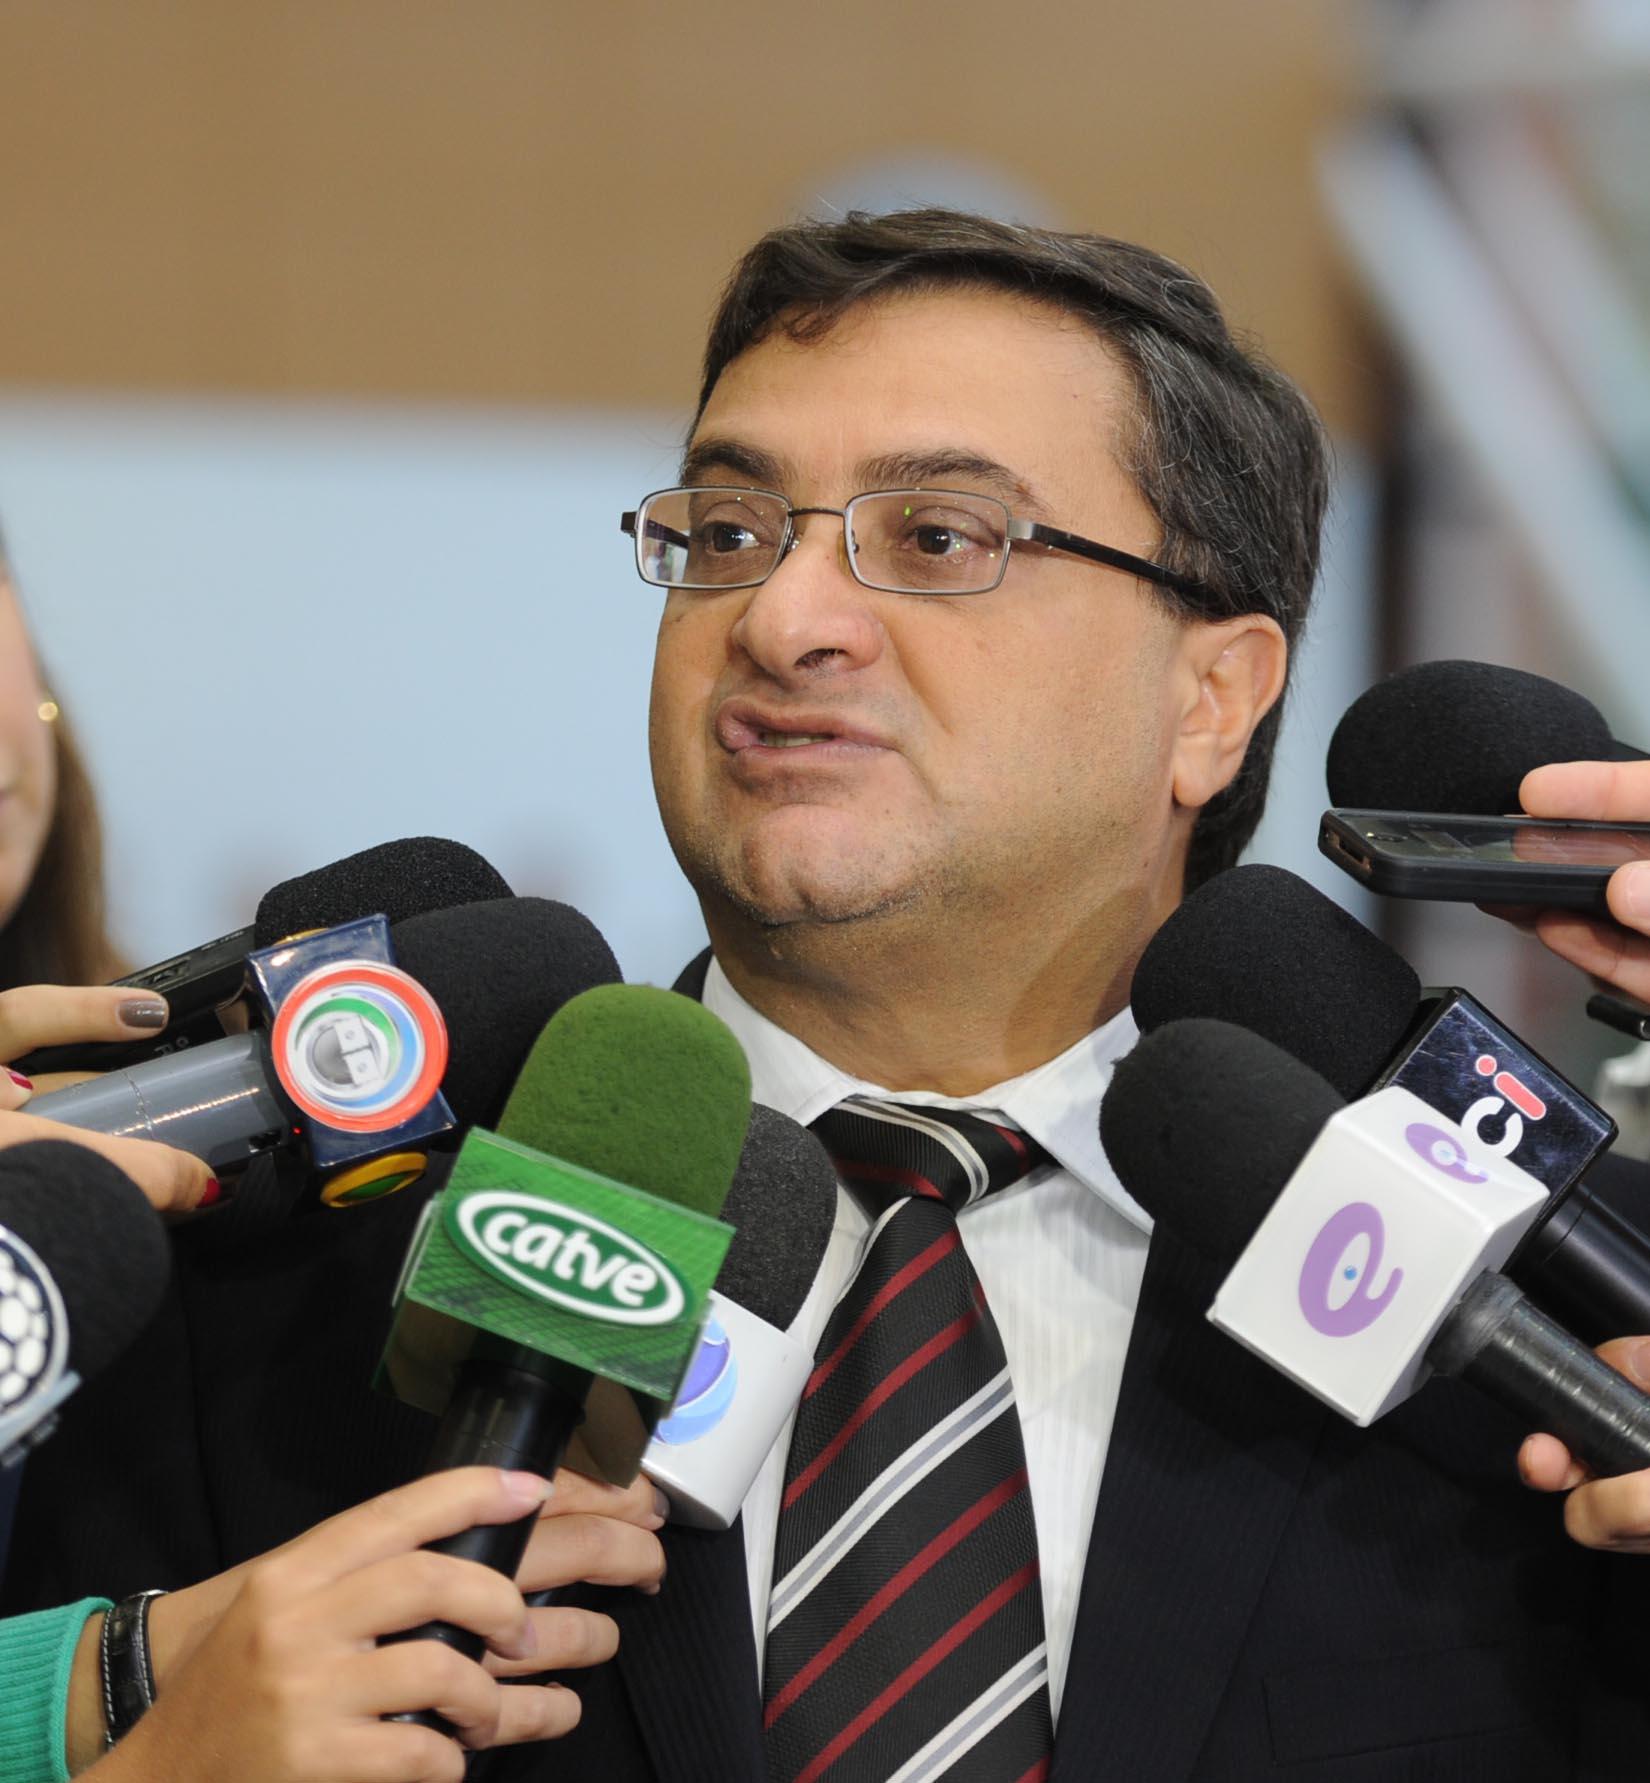 Michele Caputo destaca avanço no controle da dengue no Paraná